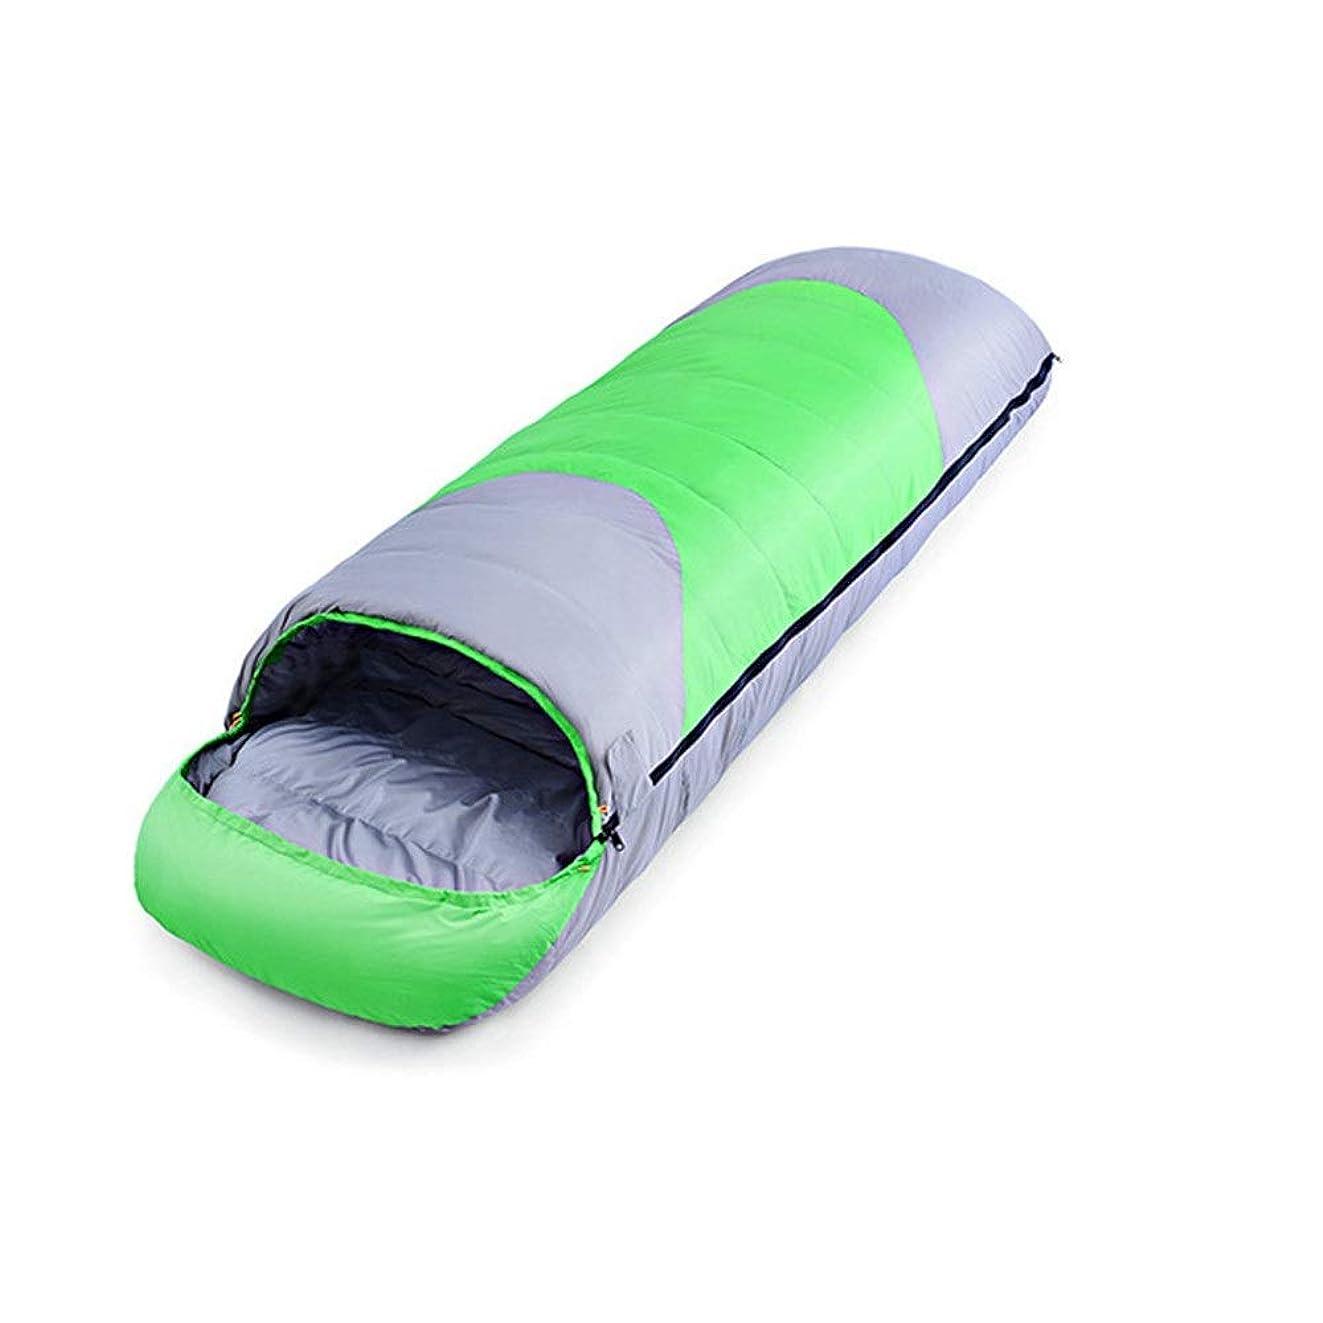 休戦統治する苗寝袋 シュラフ 封筒型 防水材質 軽量 ステッチ大人のバッグ特大暖かいスリーピングと光ステッチ封筒には、キャリングバッグ寝袋 オールシーズン (Color : Green, Size : 220x80cm)